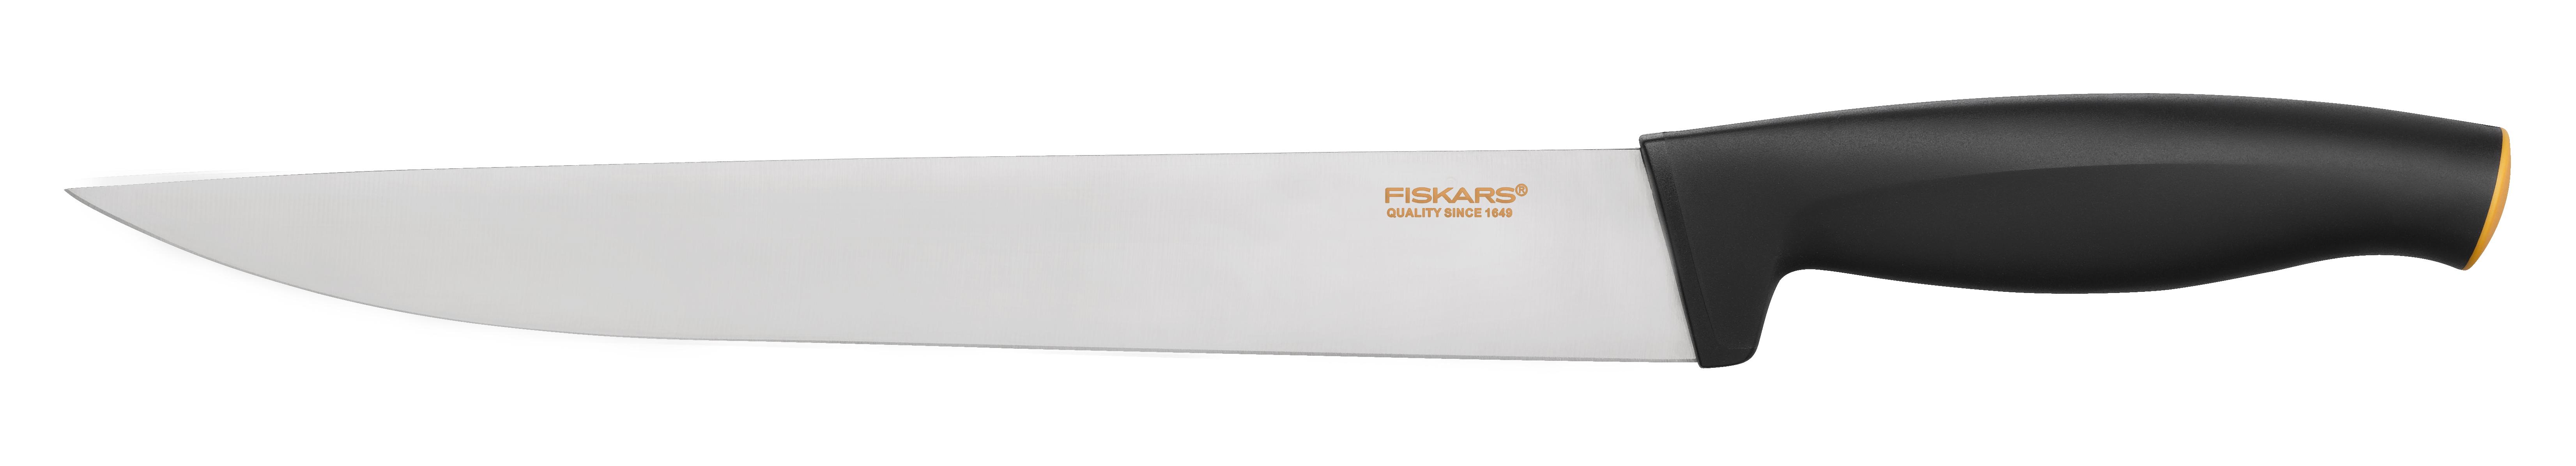 Fiskars Functional Form Kockkniv 24 cm